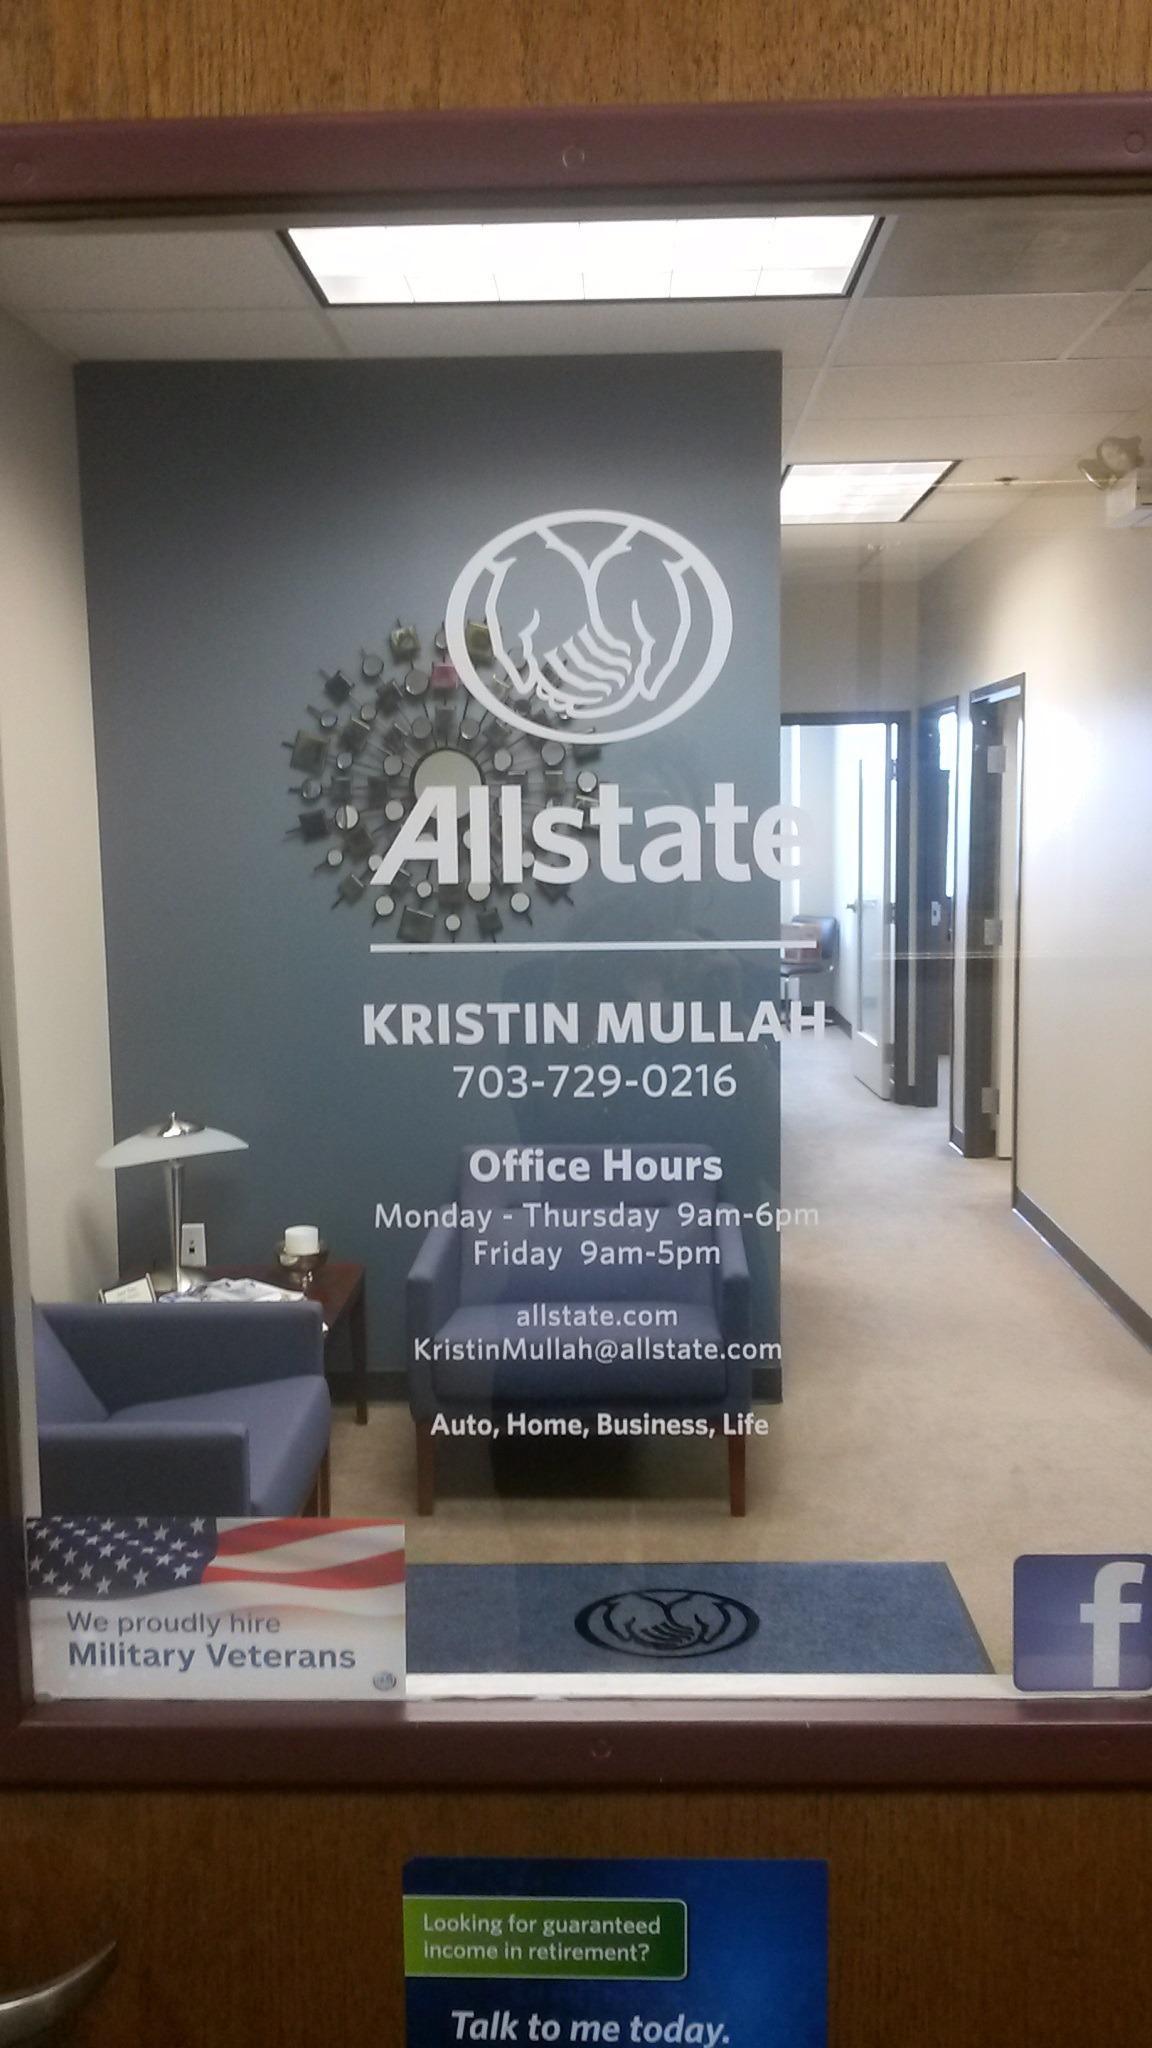 Kristin Mullah: Allstate Insurance